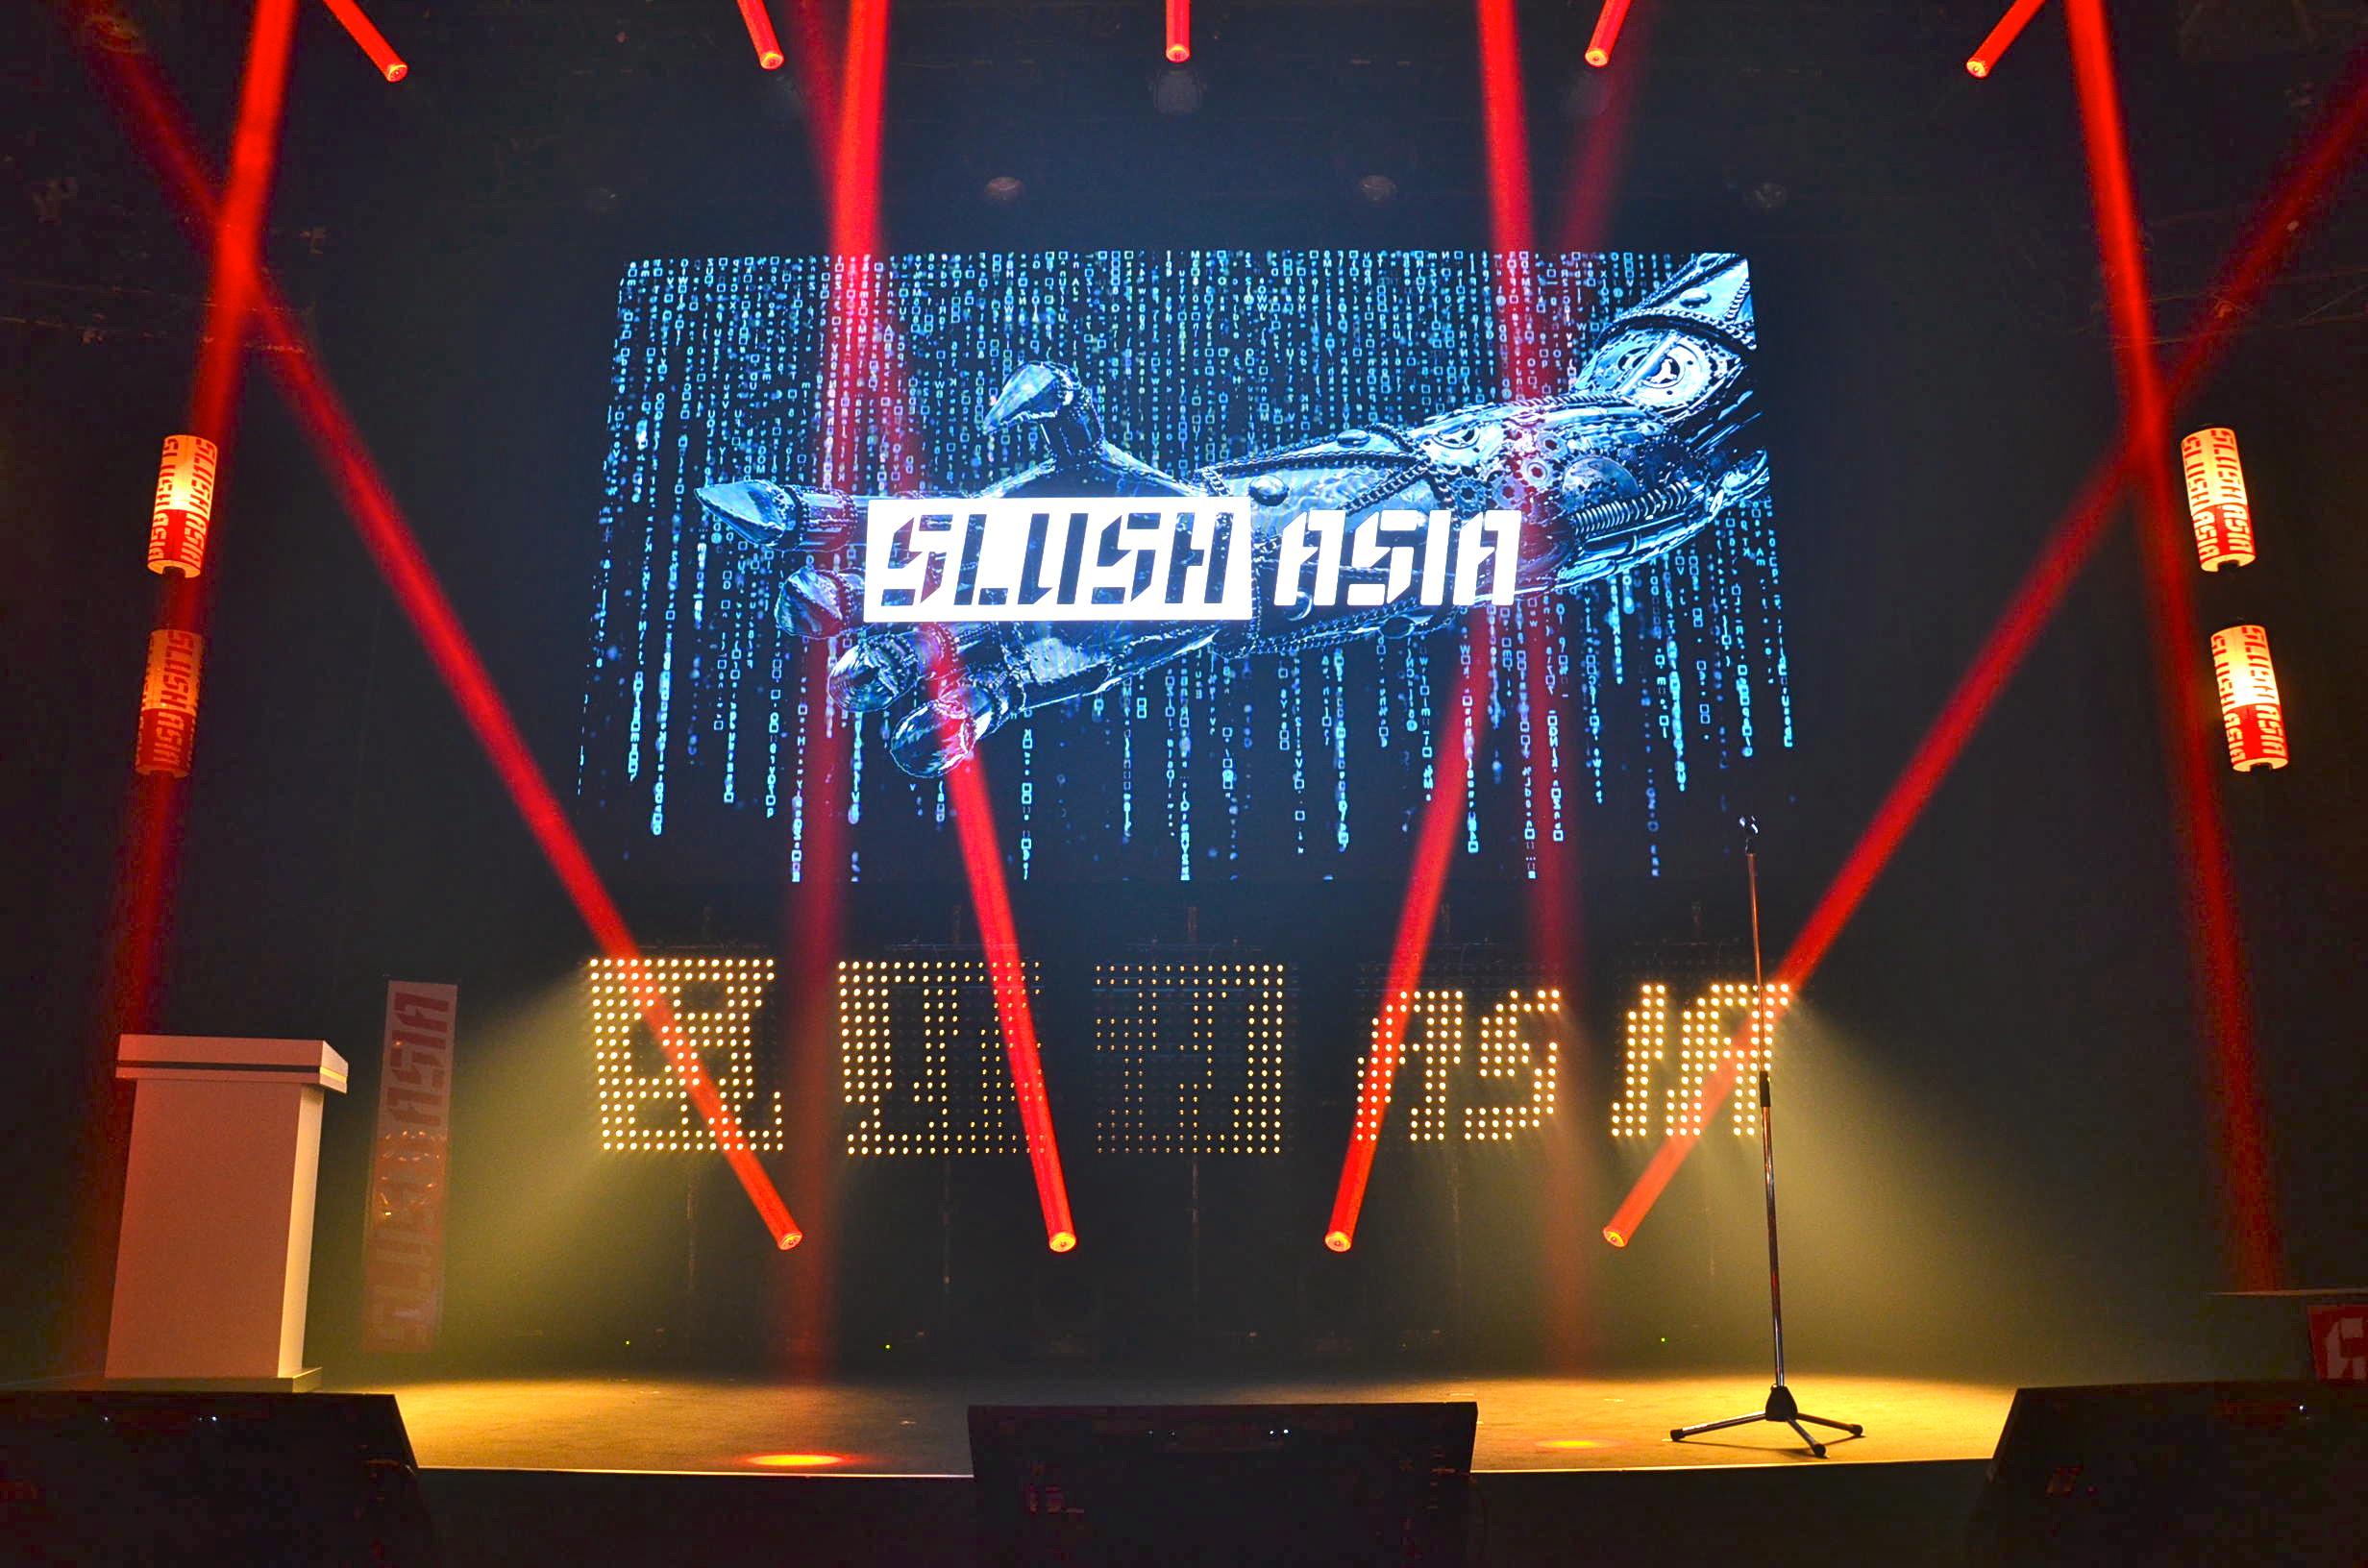 スタートアップの祭典「SLUSH ASIA」を徹底レポート!